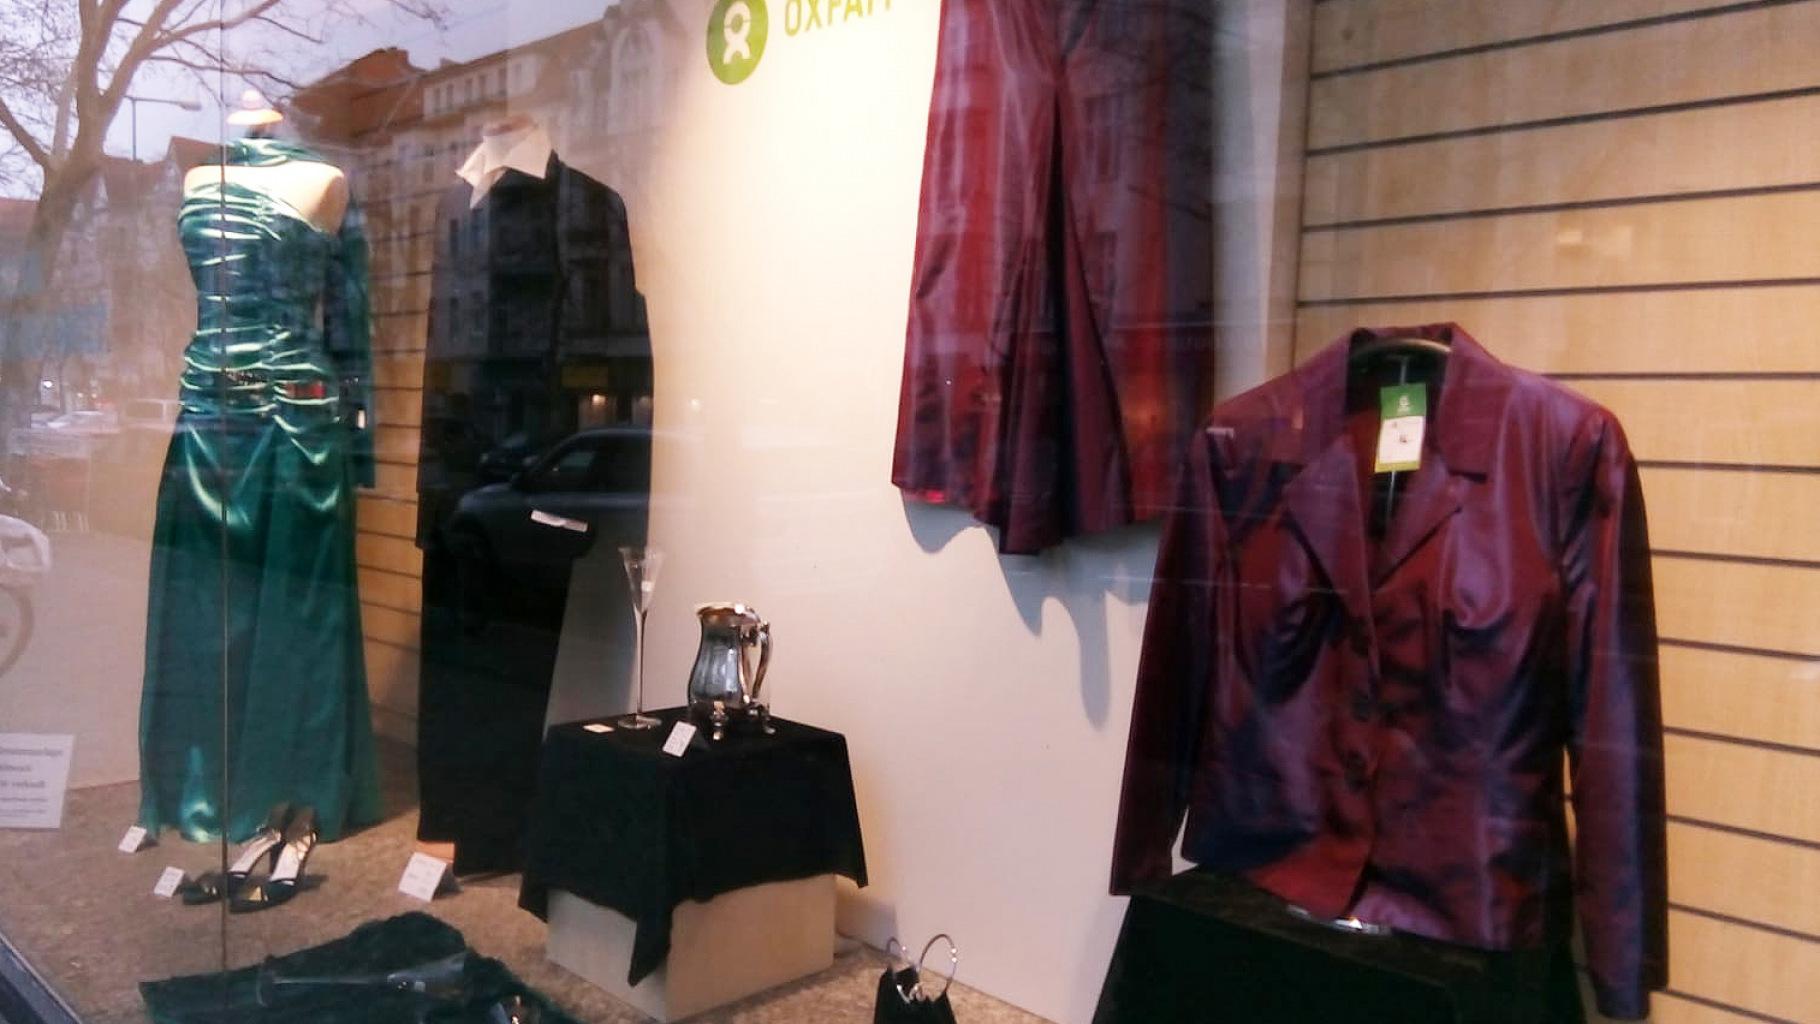 Schaufenster eines Oxfam Shops mit festlicher Kleidung